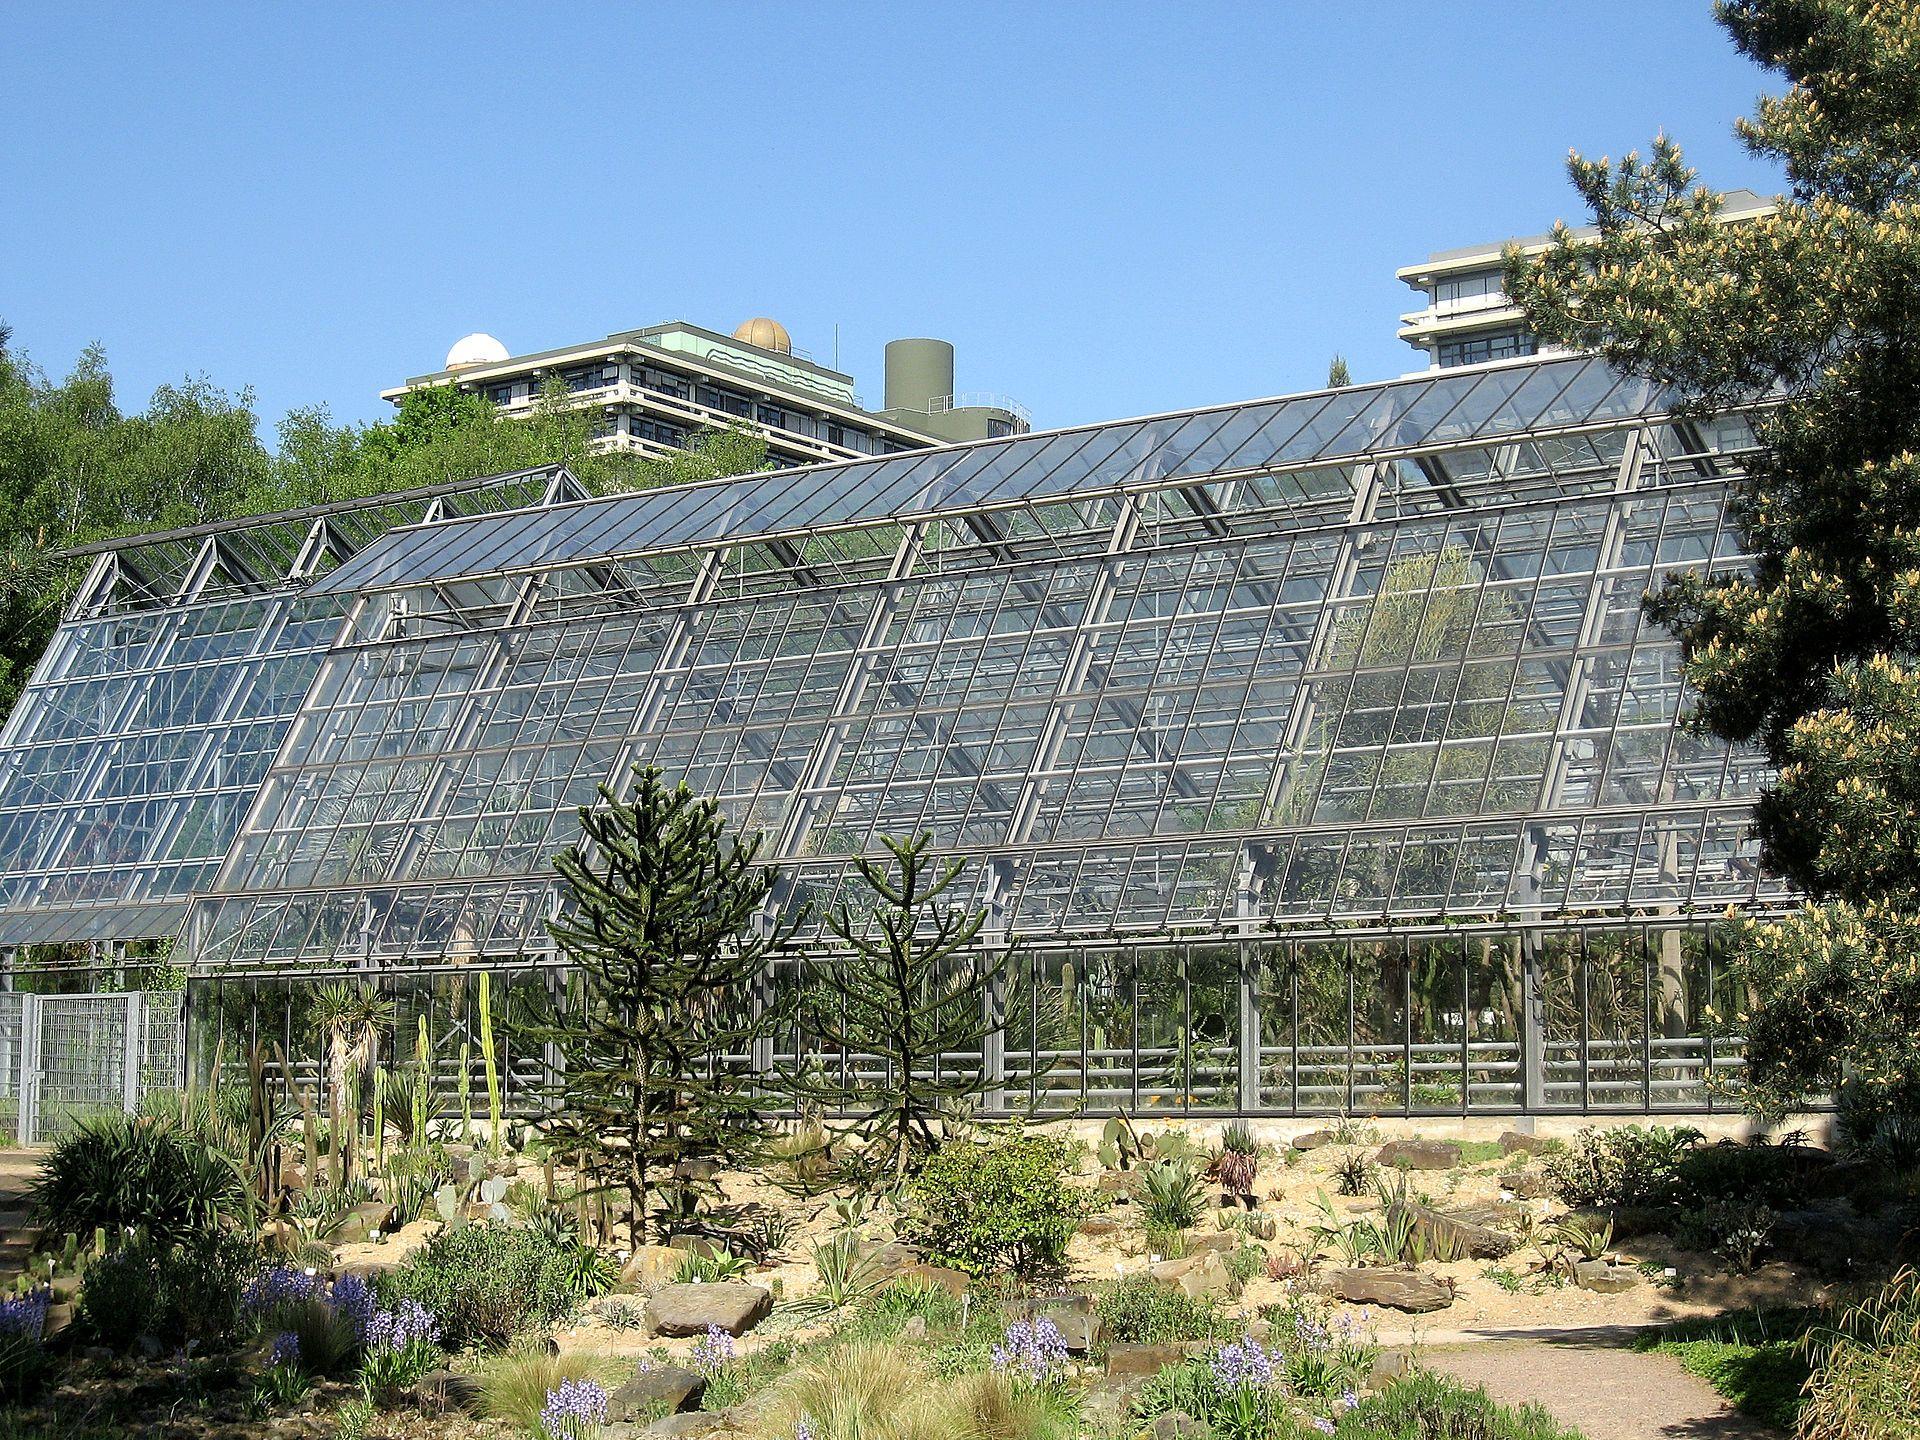 Botanischer Garten der Ruhr-Universität Bochum, Germany